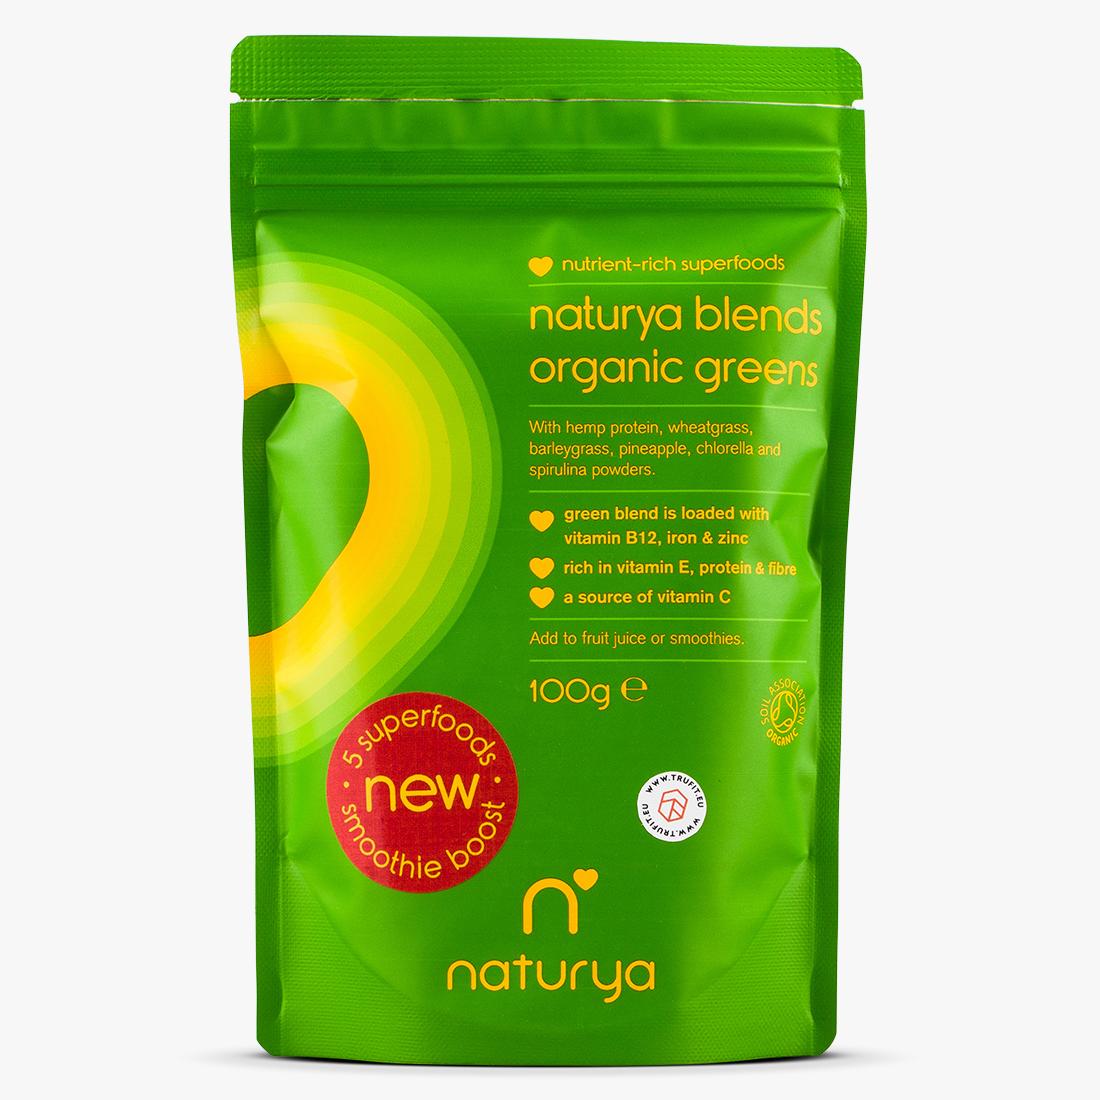 Naturya Superfoods - Organic Greens Blend